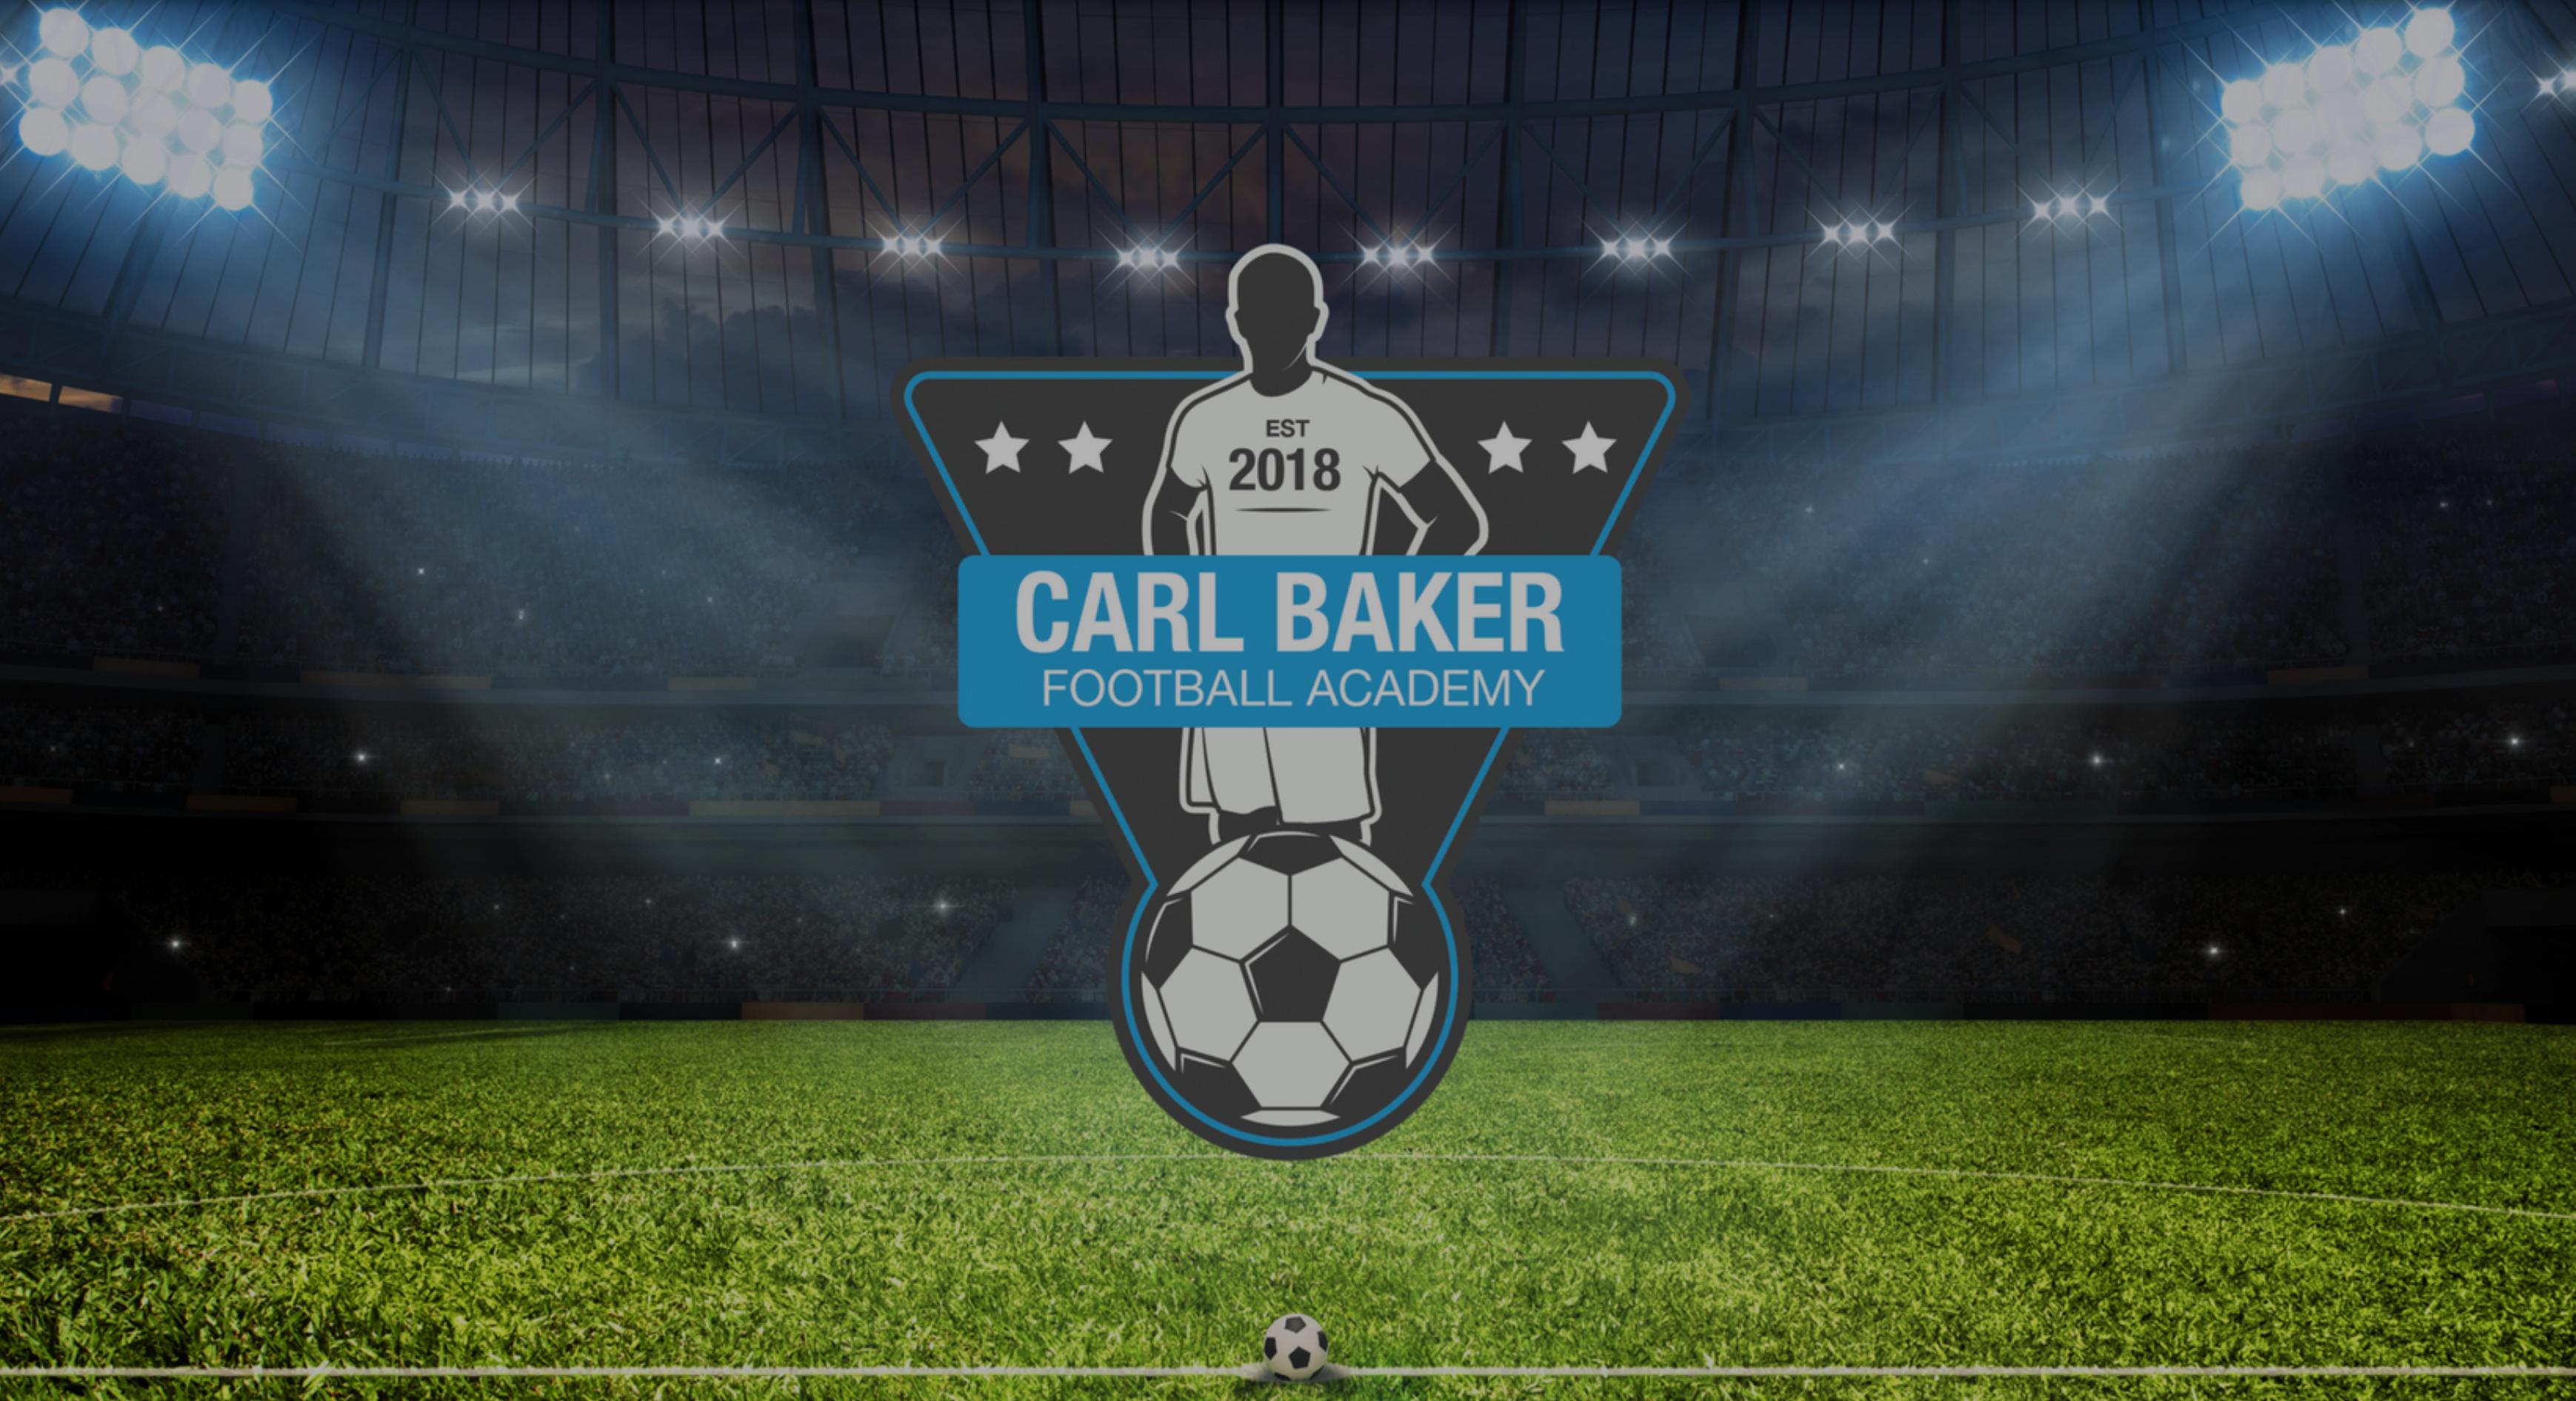 carl baker